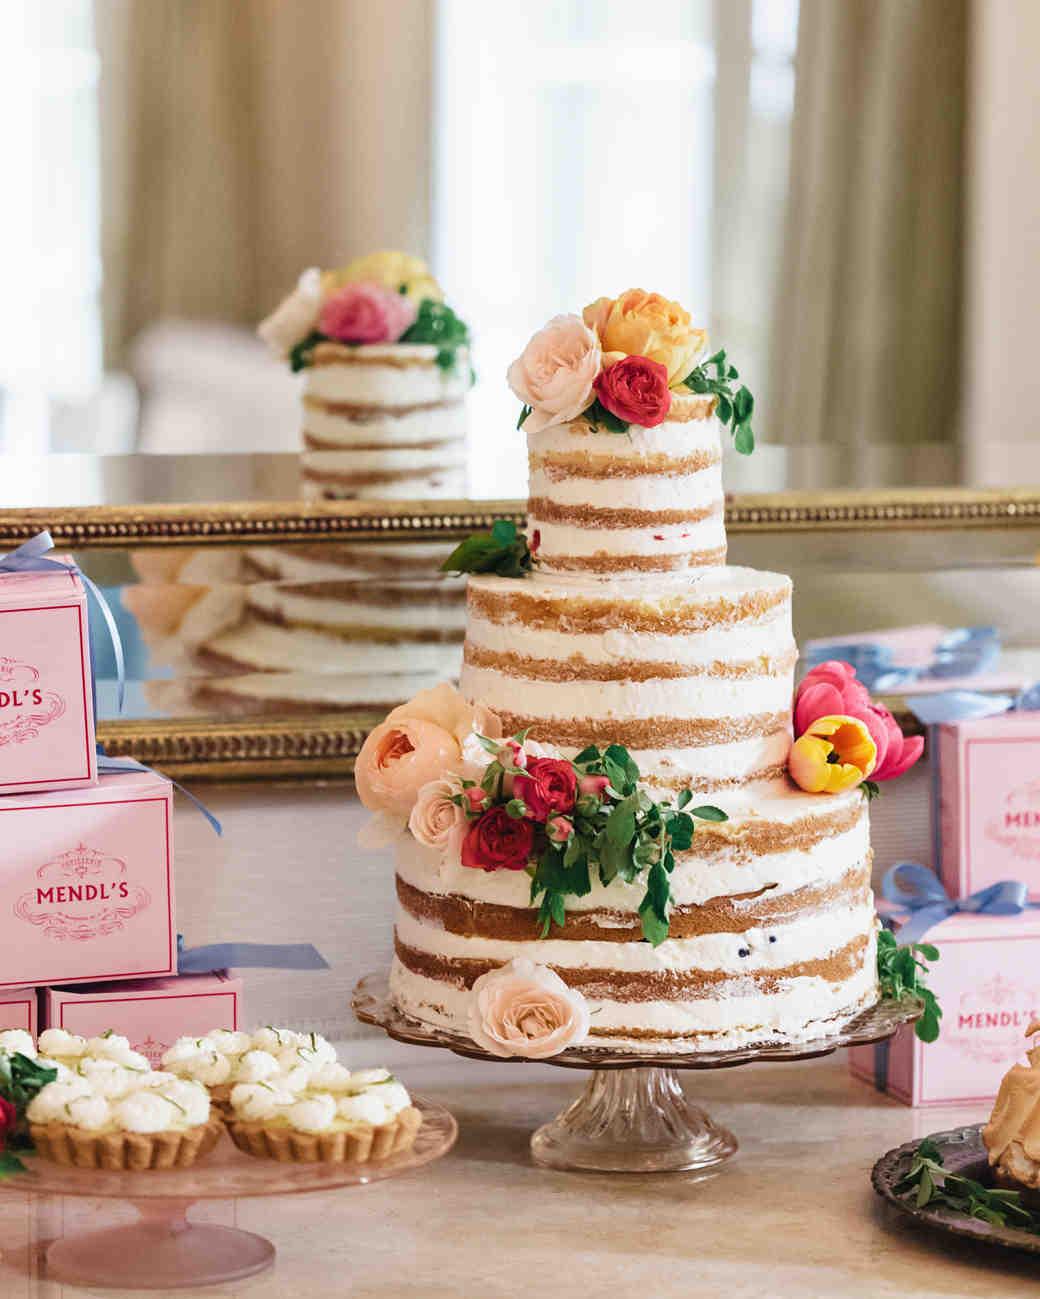 Торт с открытыми коржами и цветами